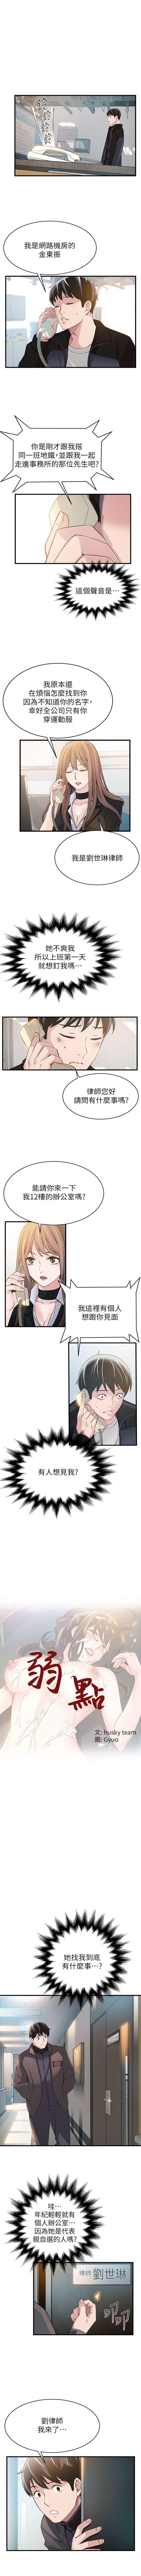 (週7)弱點 1-76 中文翻譯(更新中) 29